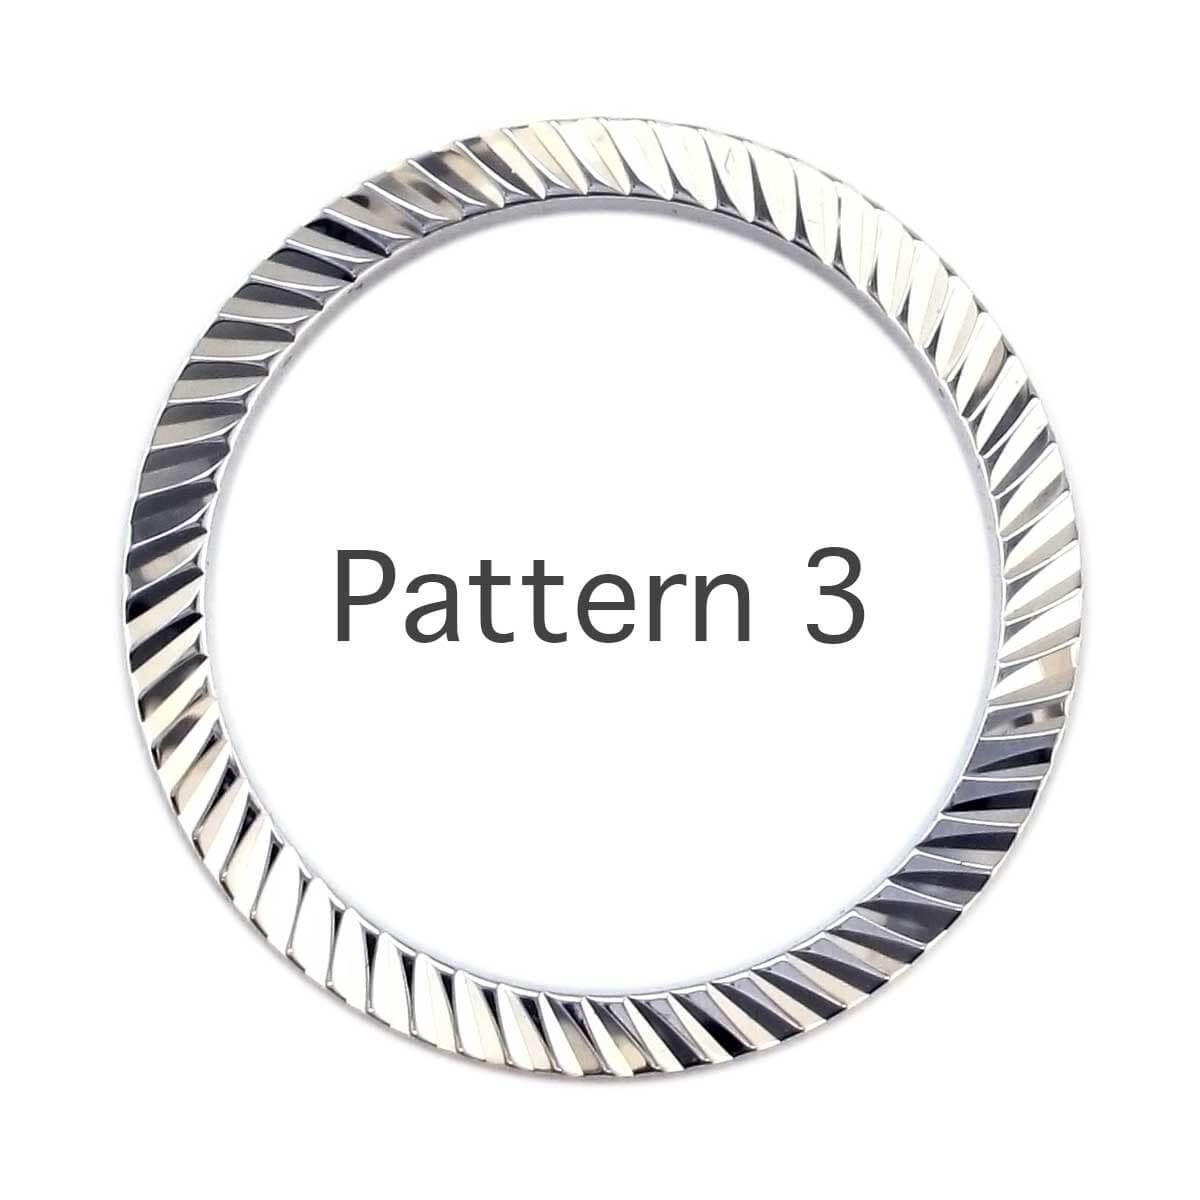 kryptos ring pattern 3